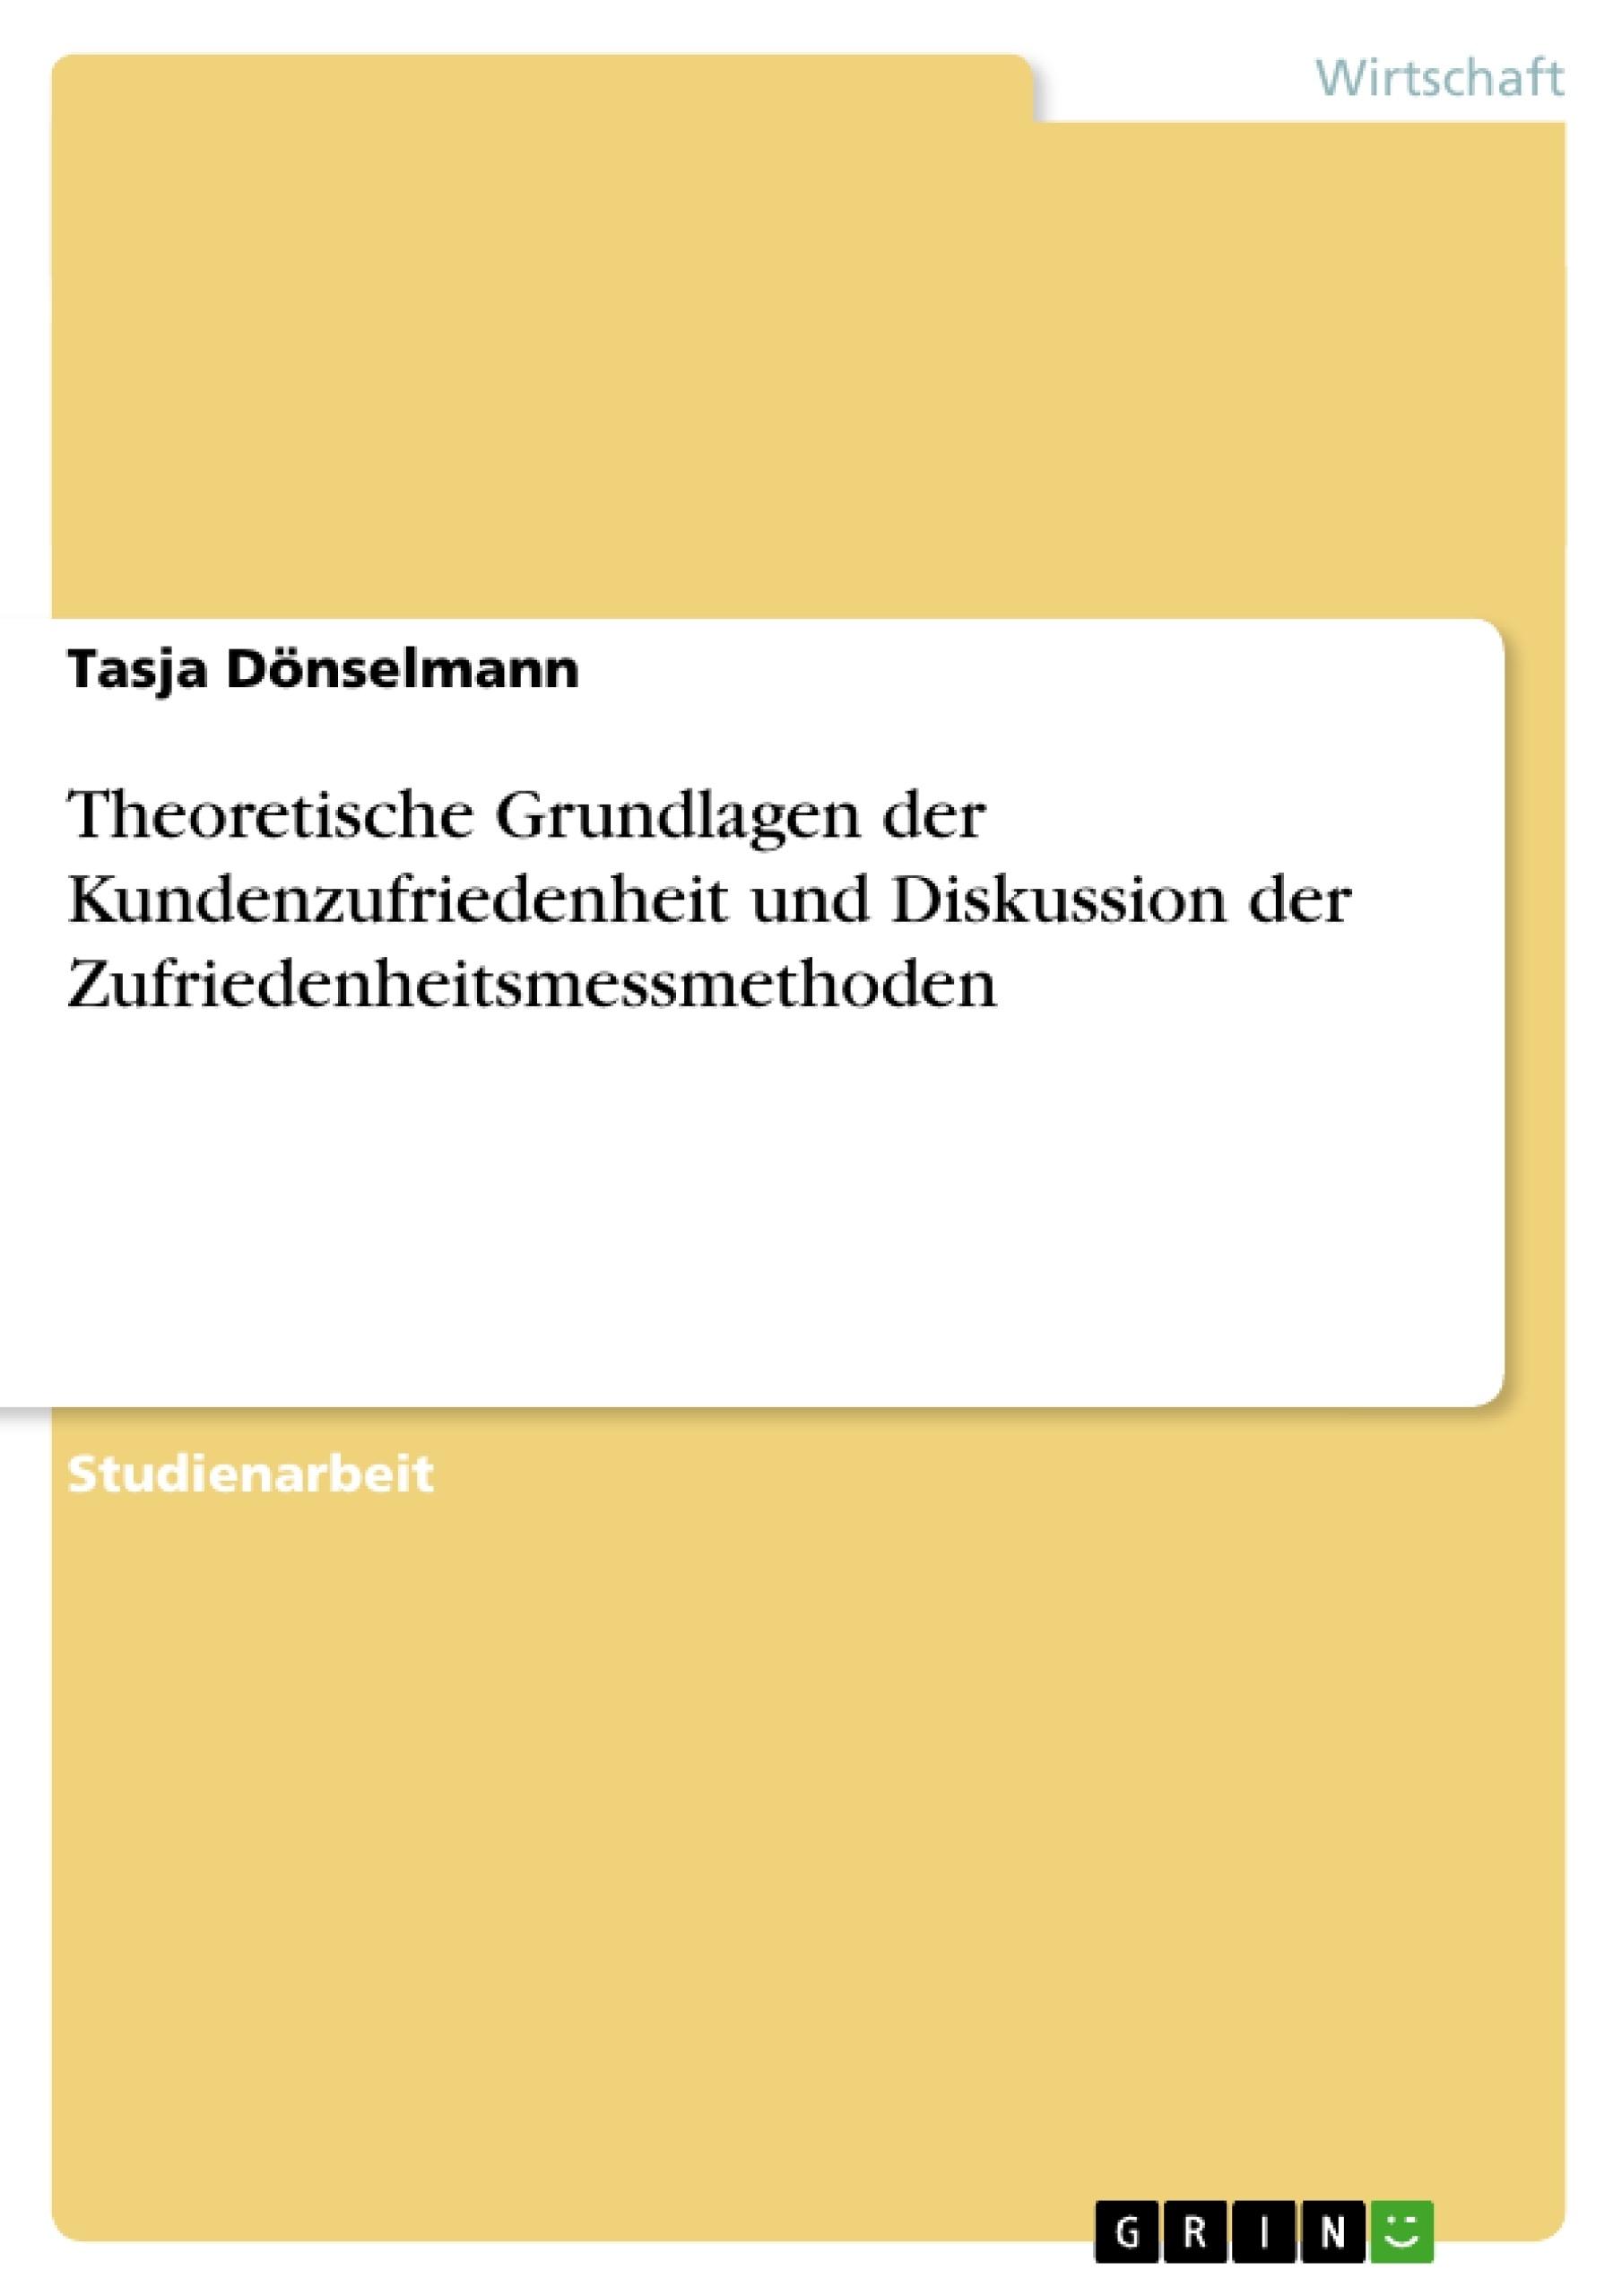 Titel: Theoretische Grundlagen der Kundenzufriedenheit und Diskussion der Zufriedenheitsmessmethoden